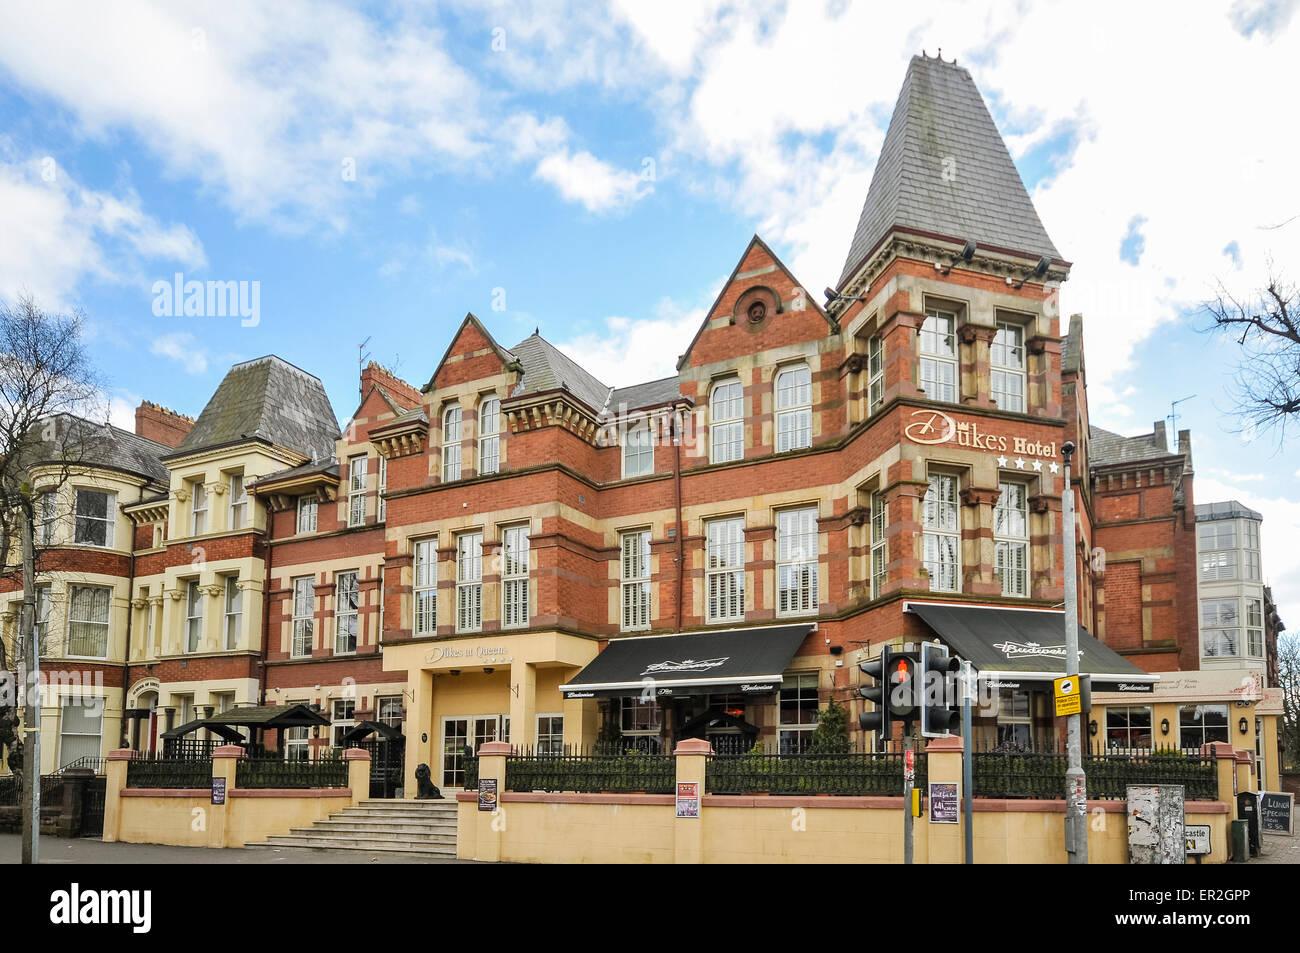 Dukes Hotel, Belfast - Stock Image